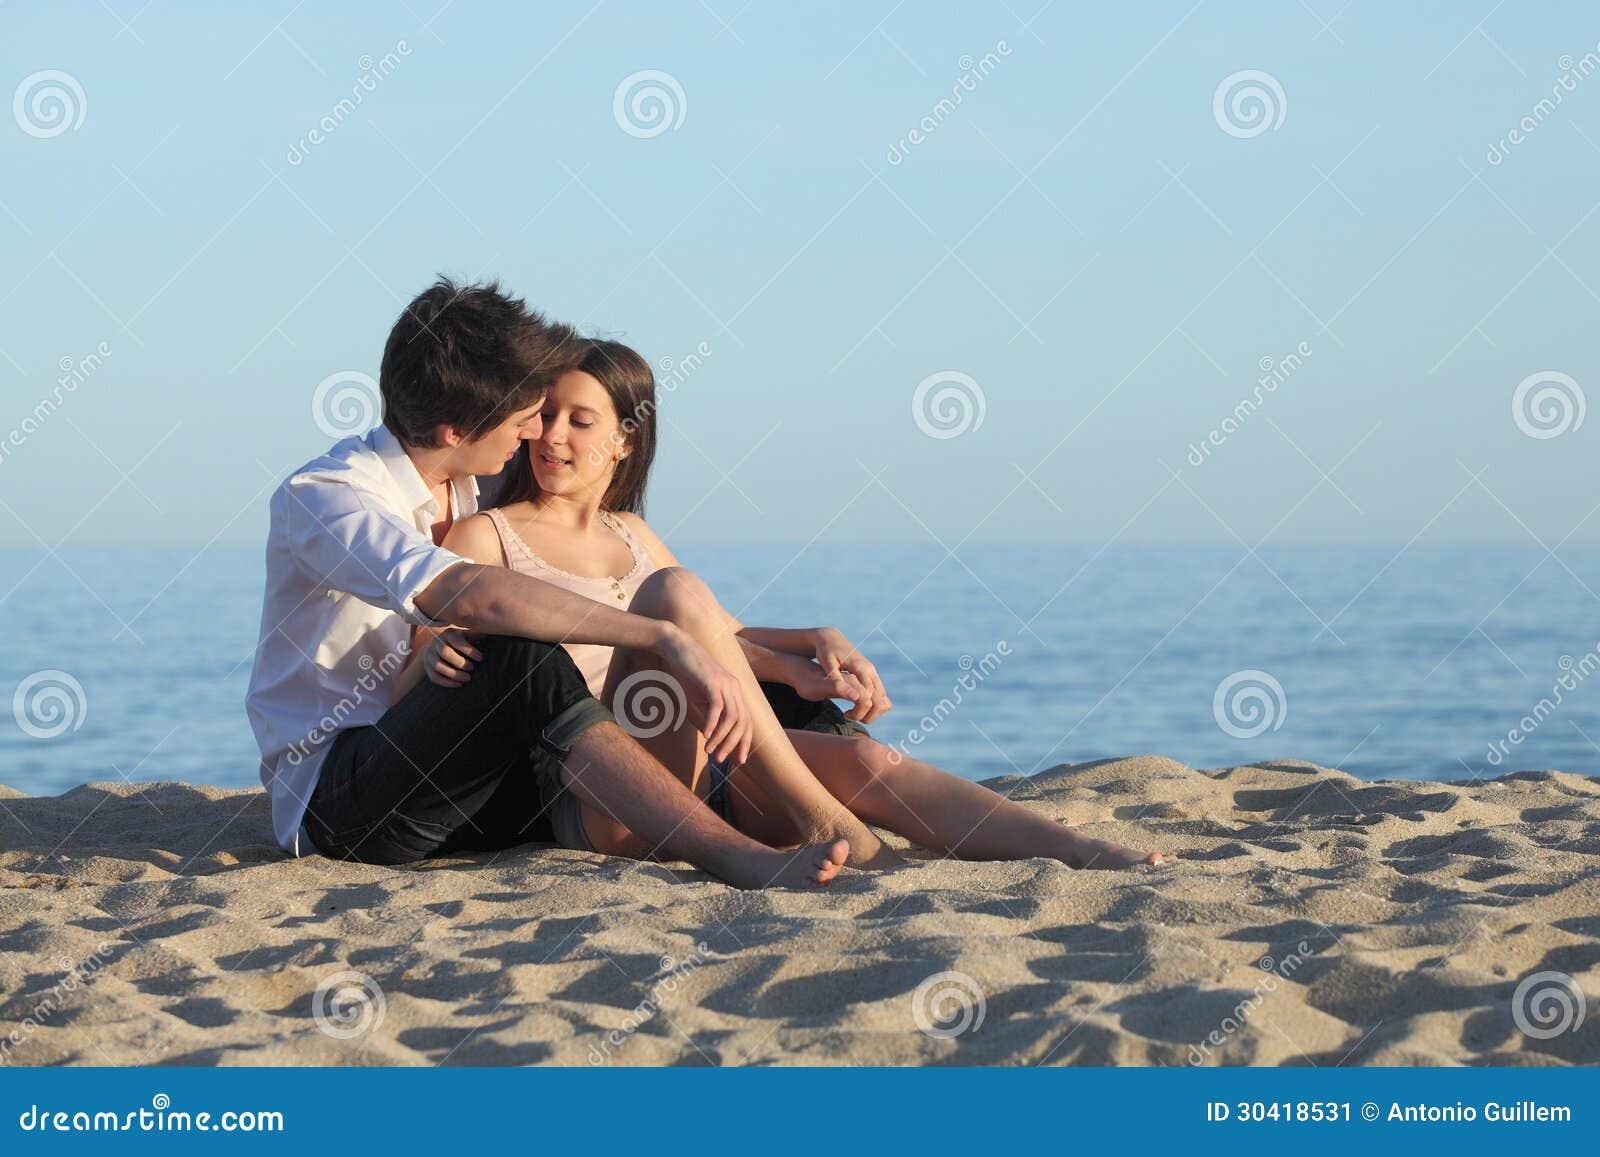 Супружеские пары флирт 7 фотография